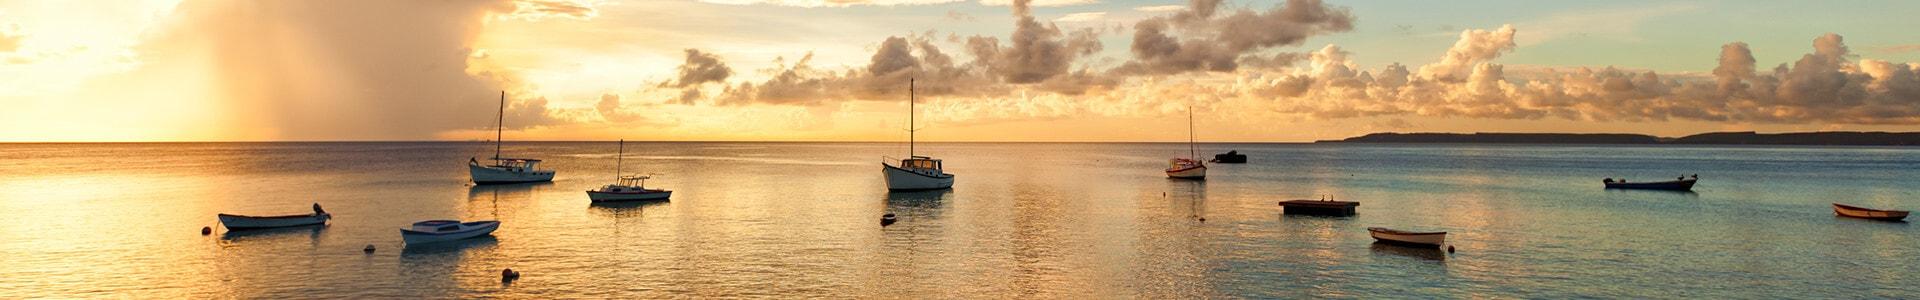 Voyage à Curaçao - TUI